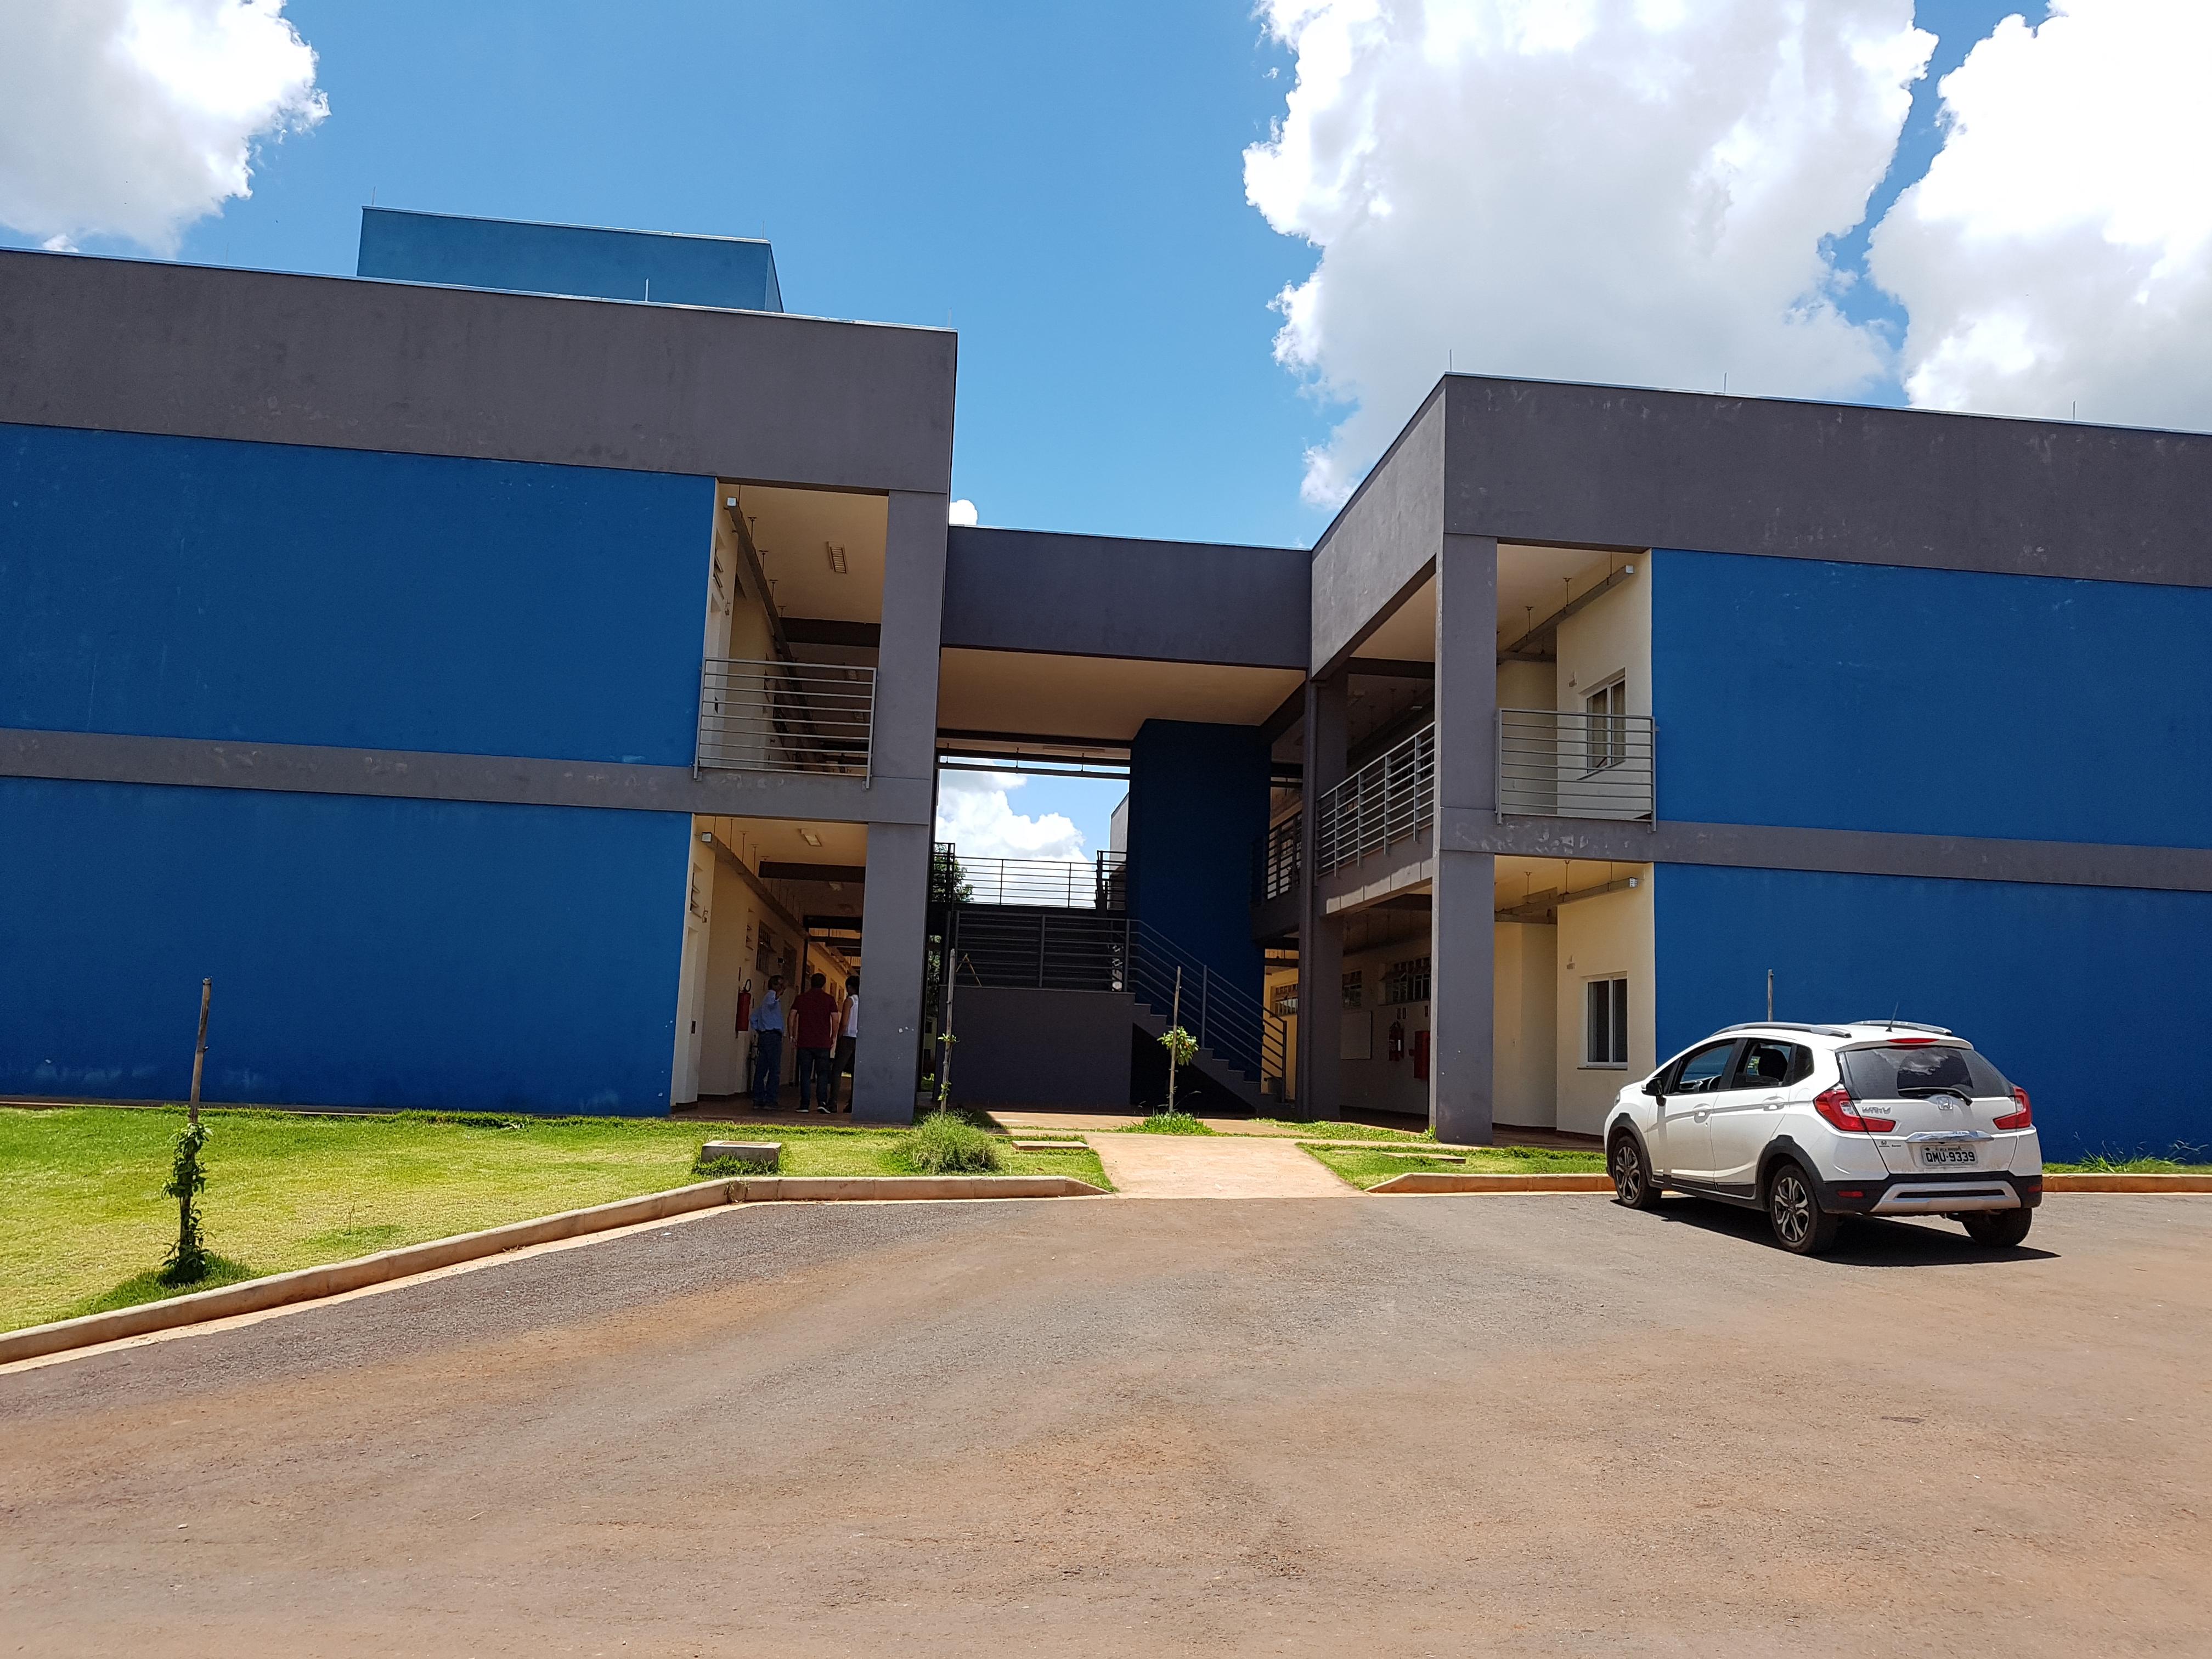 Pavilhão de Aulas da Universidade Federal de Lavras – UFLA (Campus São Sebastião do Paraíso-MG)